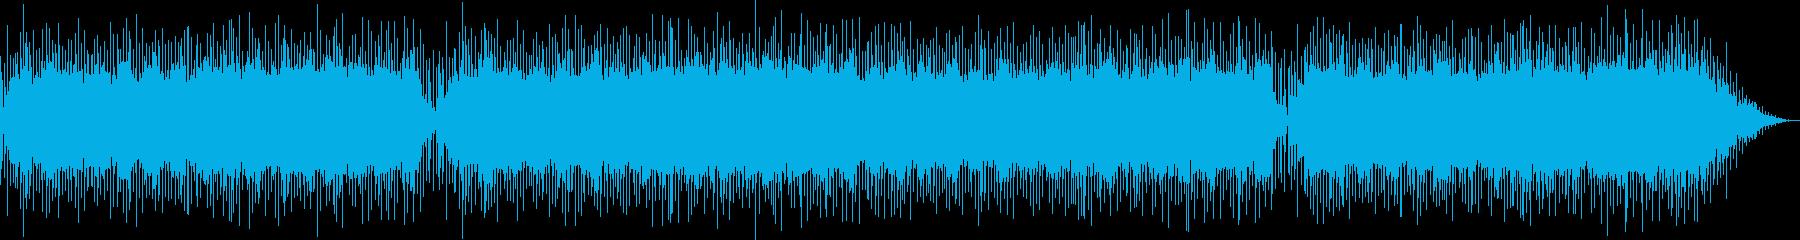 幻想的なフィーリングミュージックの再生済みの波形